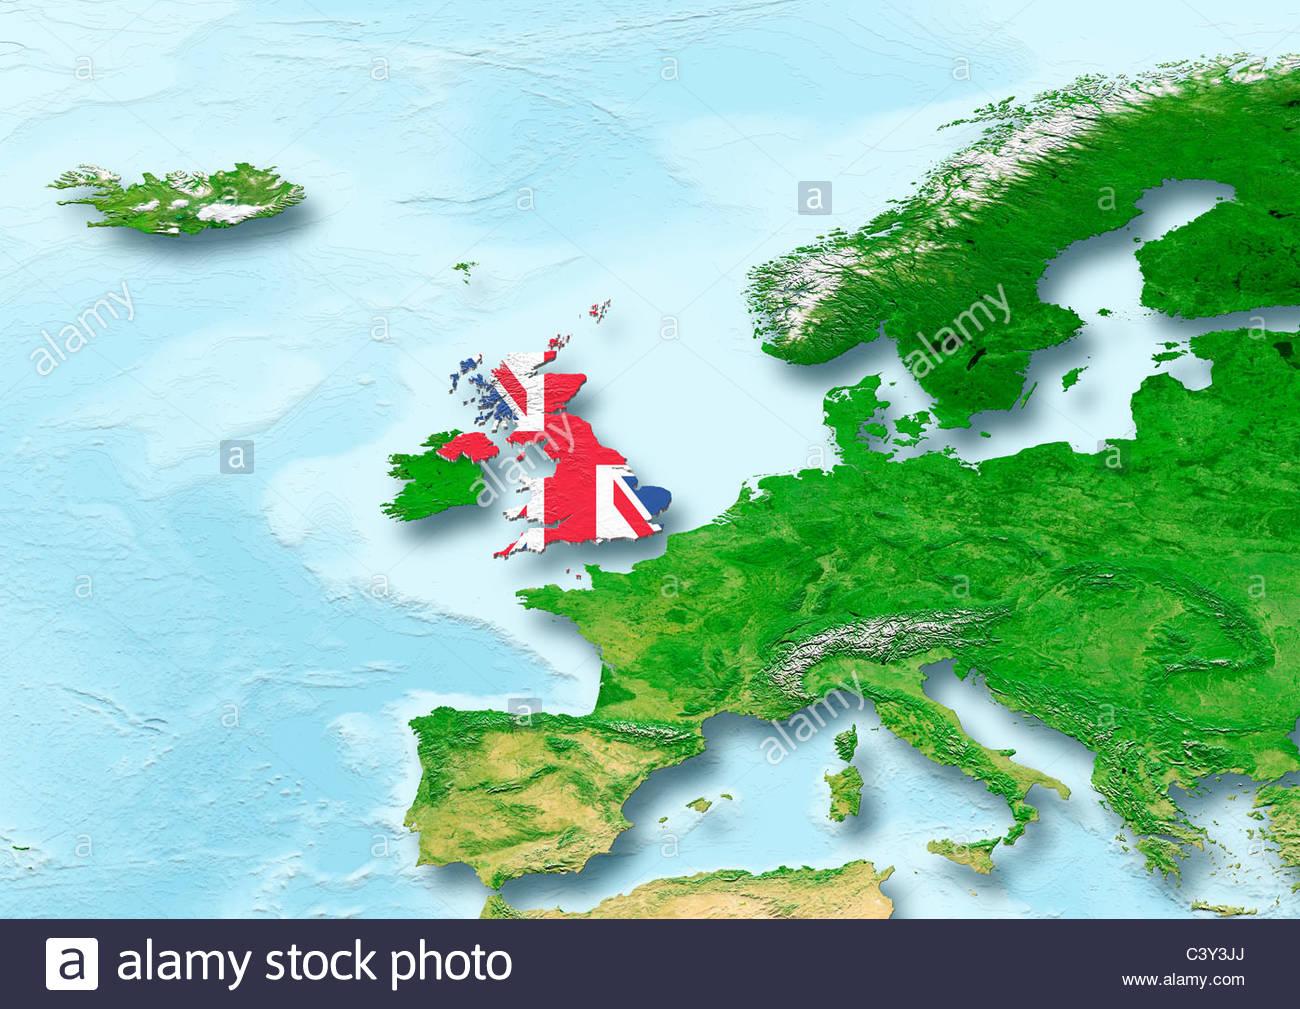 United Kingdom UK Britain Flag Map Western Europe Physical - United kingdom map